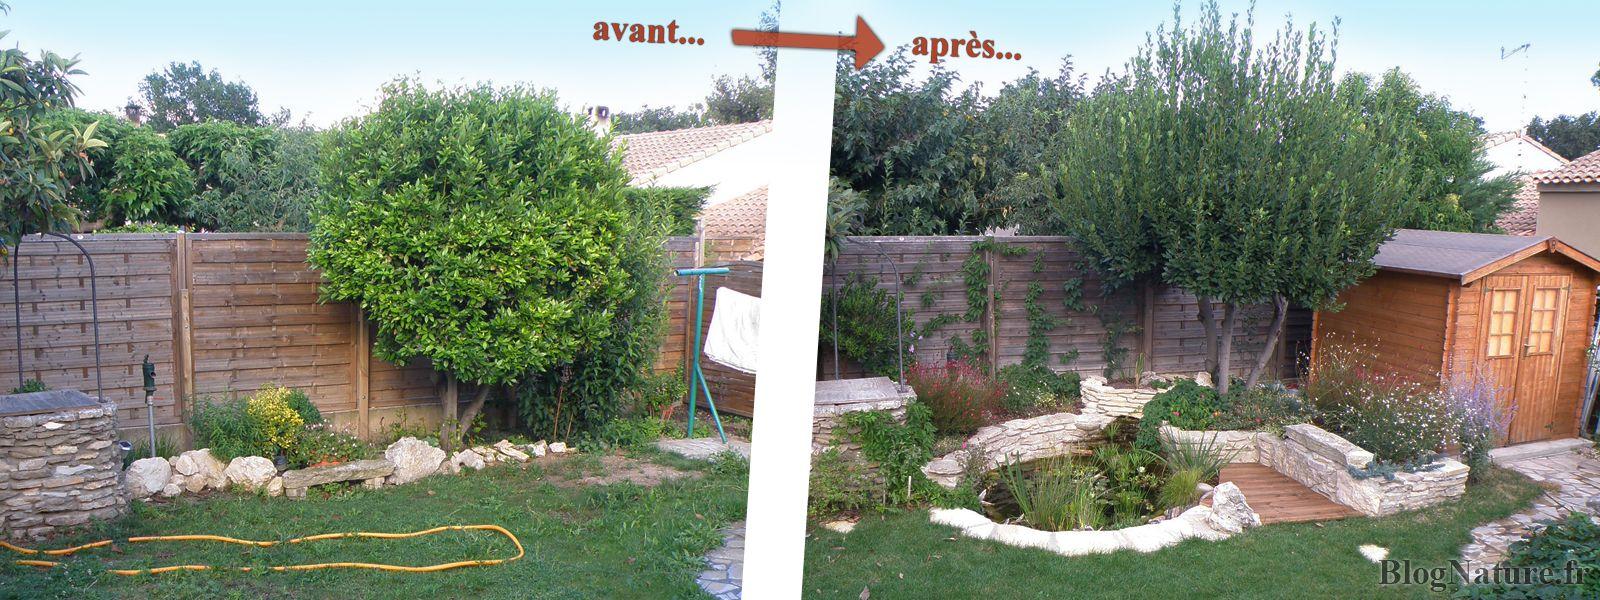 Pourquoi installer un bassin dans son jardin ? Pour créer un ...